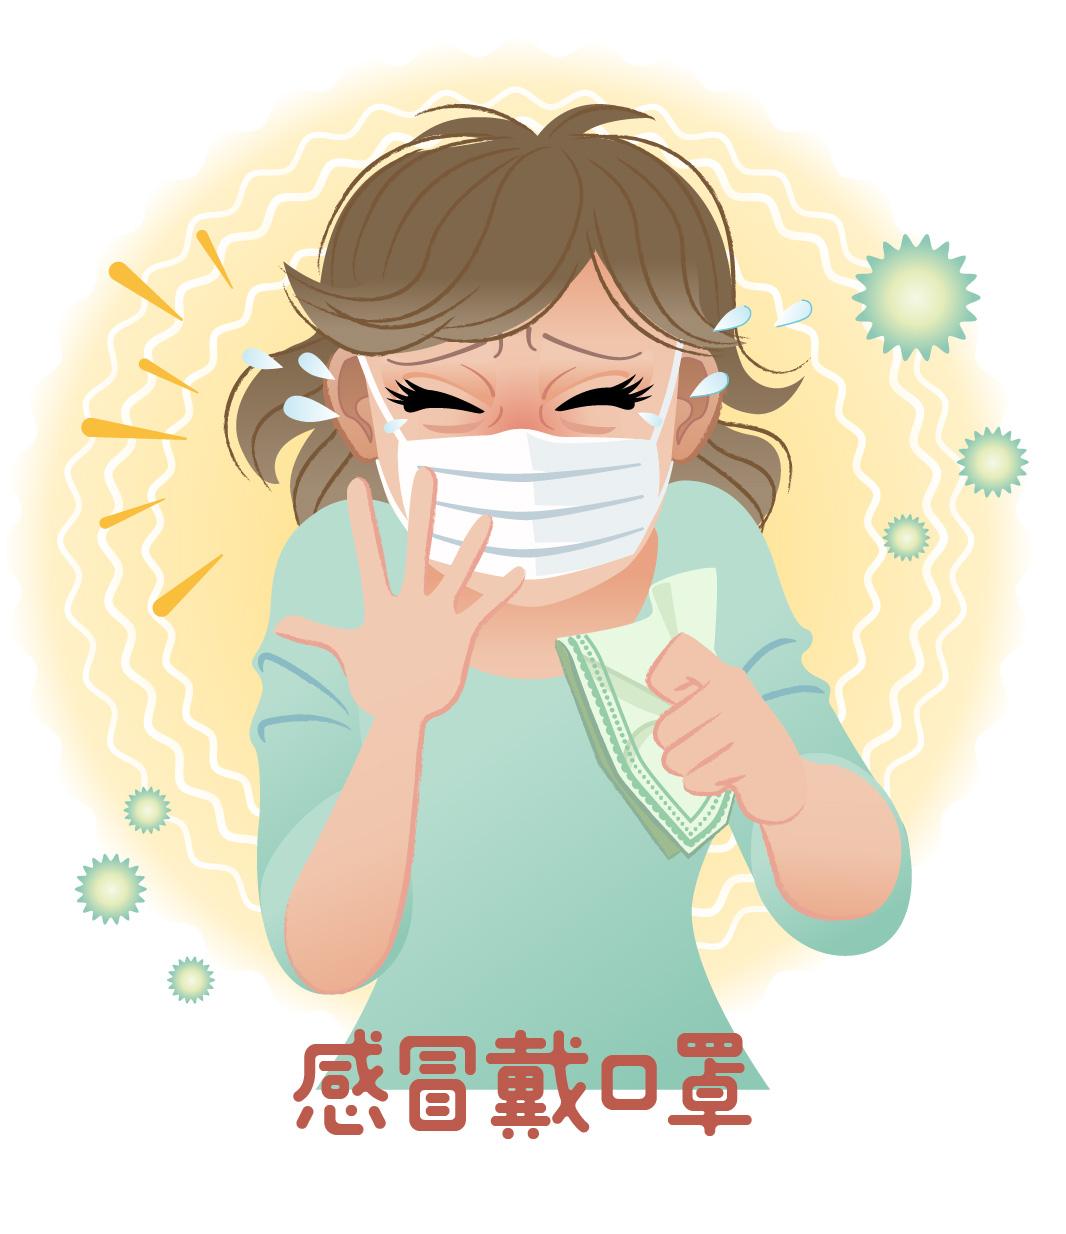 戴口罩、一米线、拒食野味……疫情防控也是一场全民健康行动